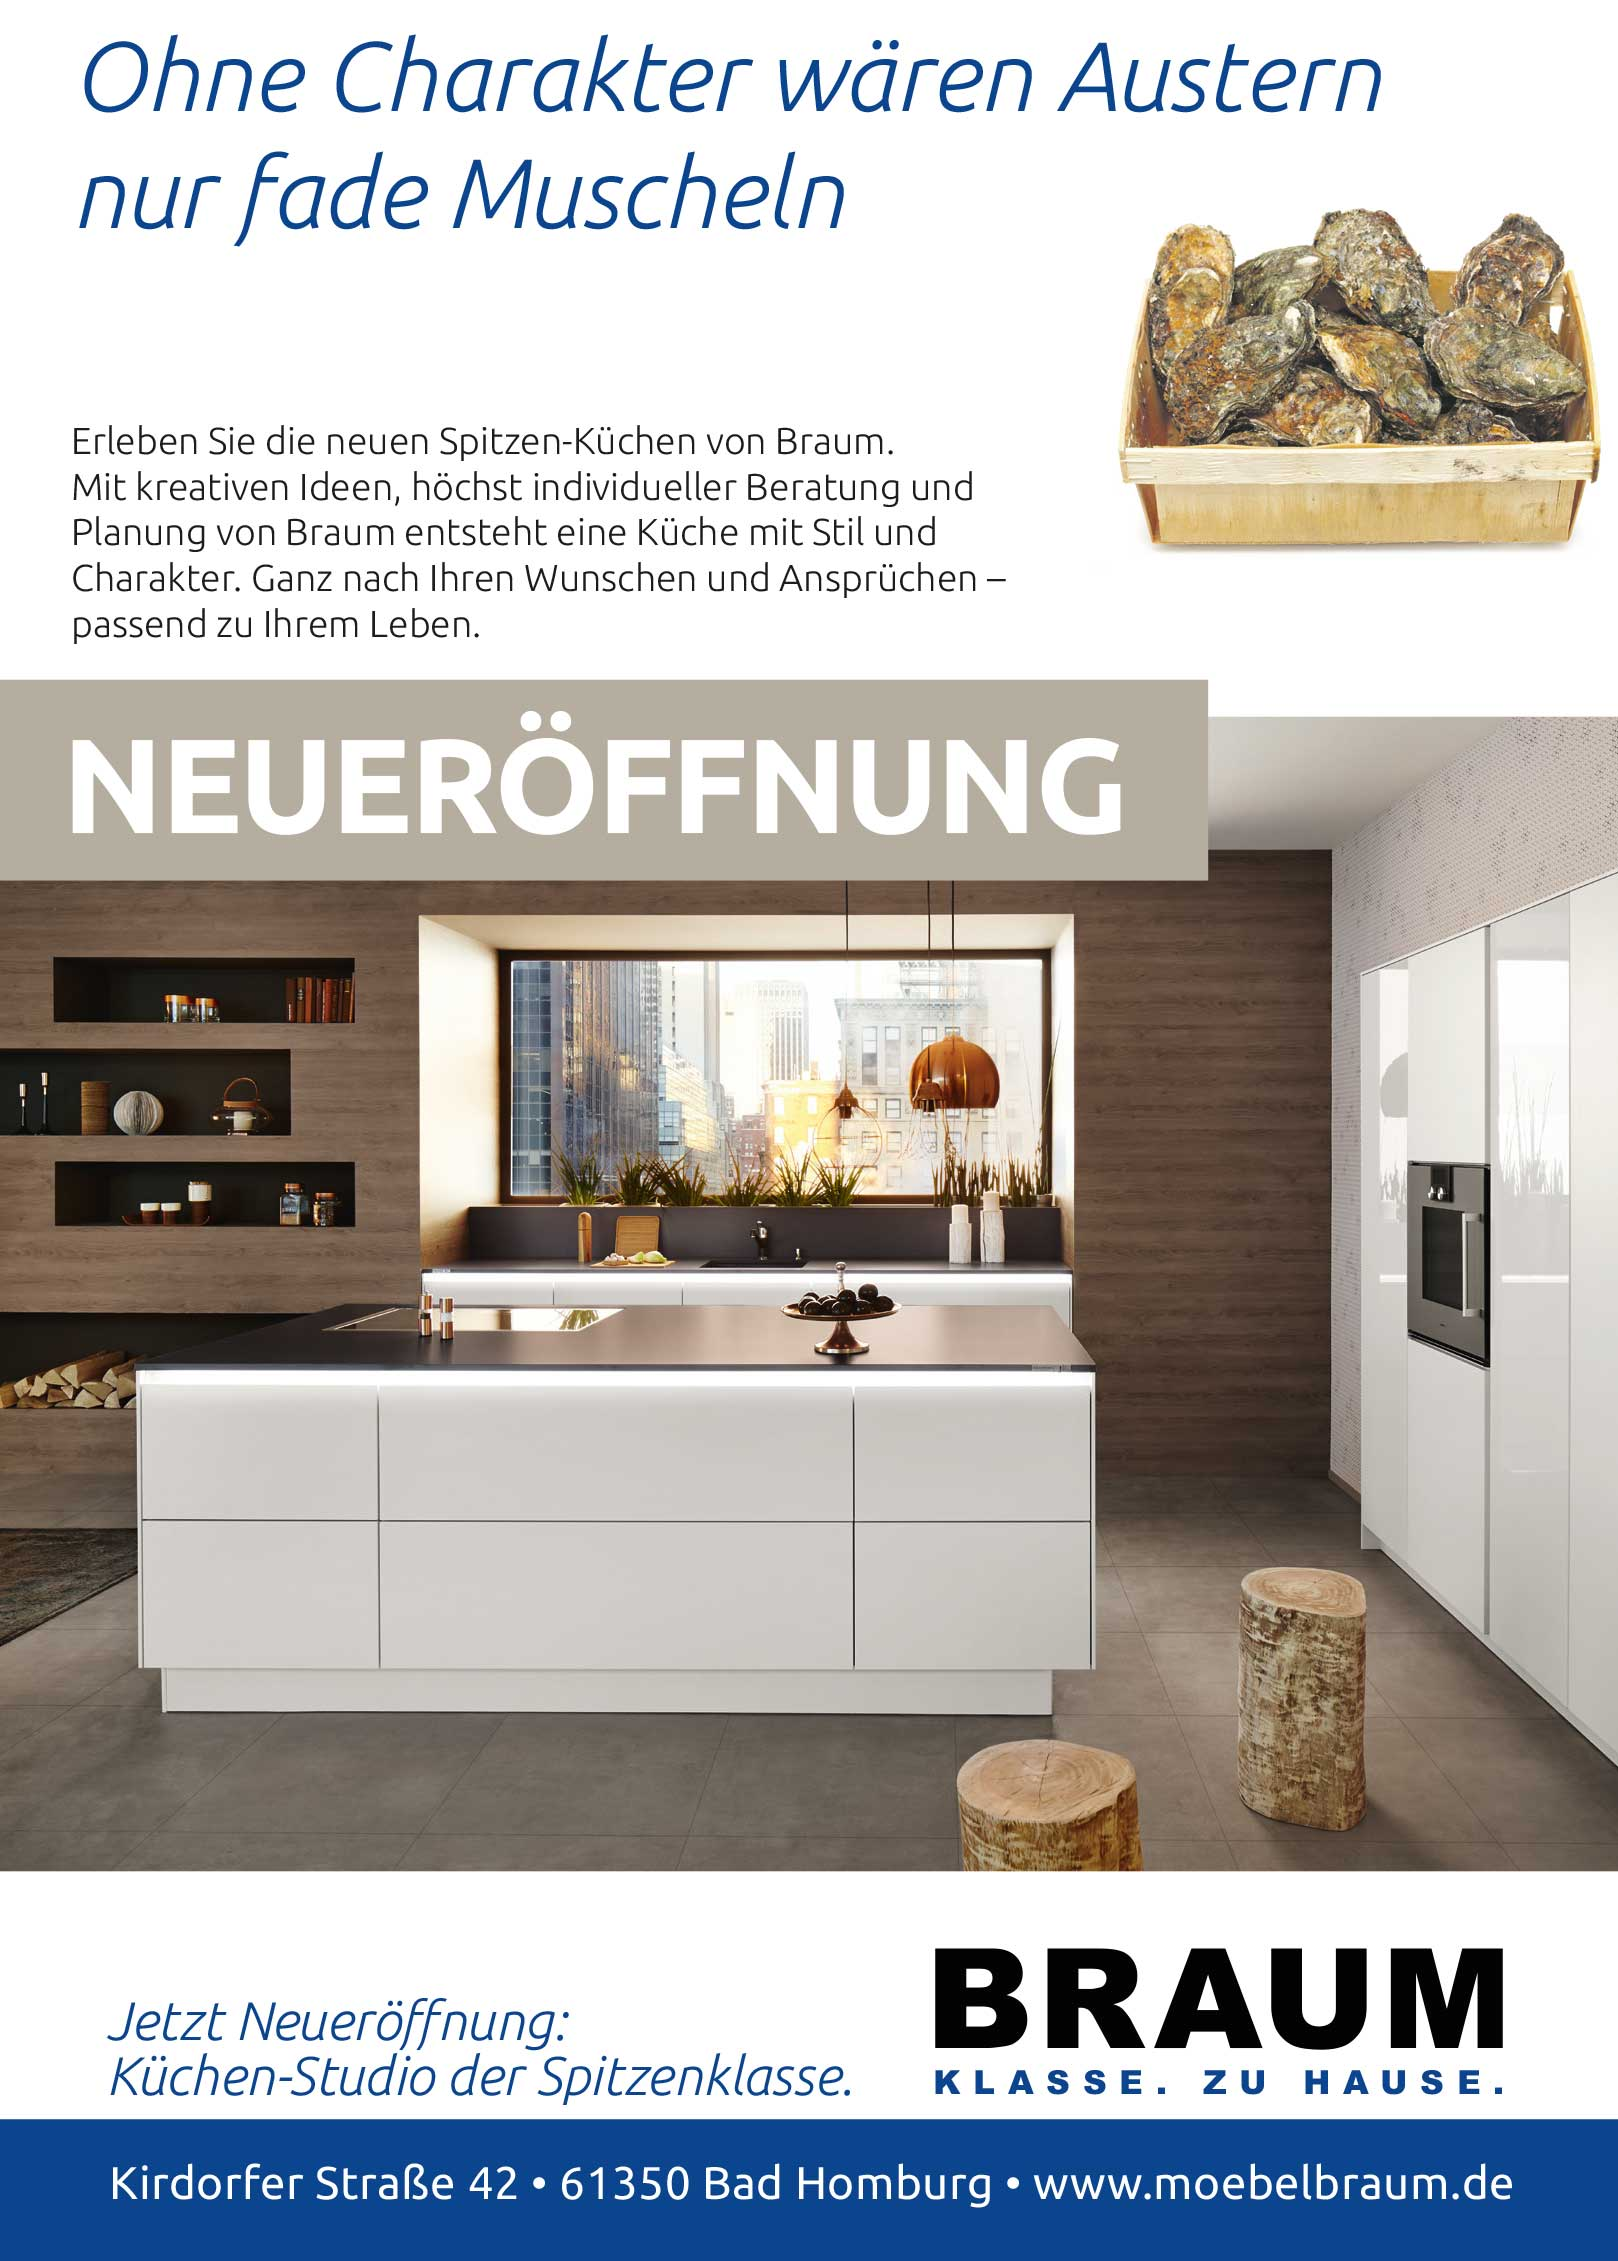 Küchen Bad Homburg angebote und prospekte möbel braum